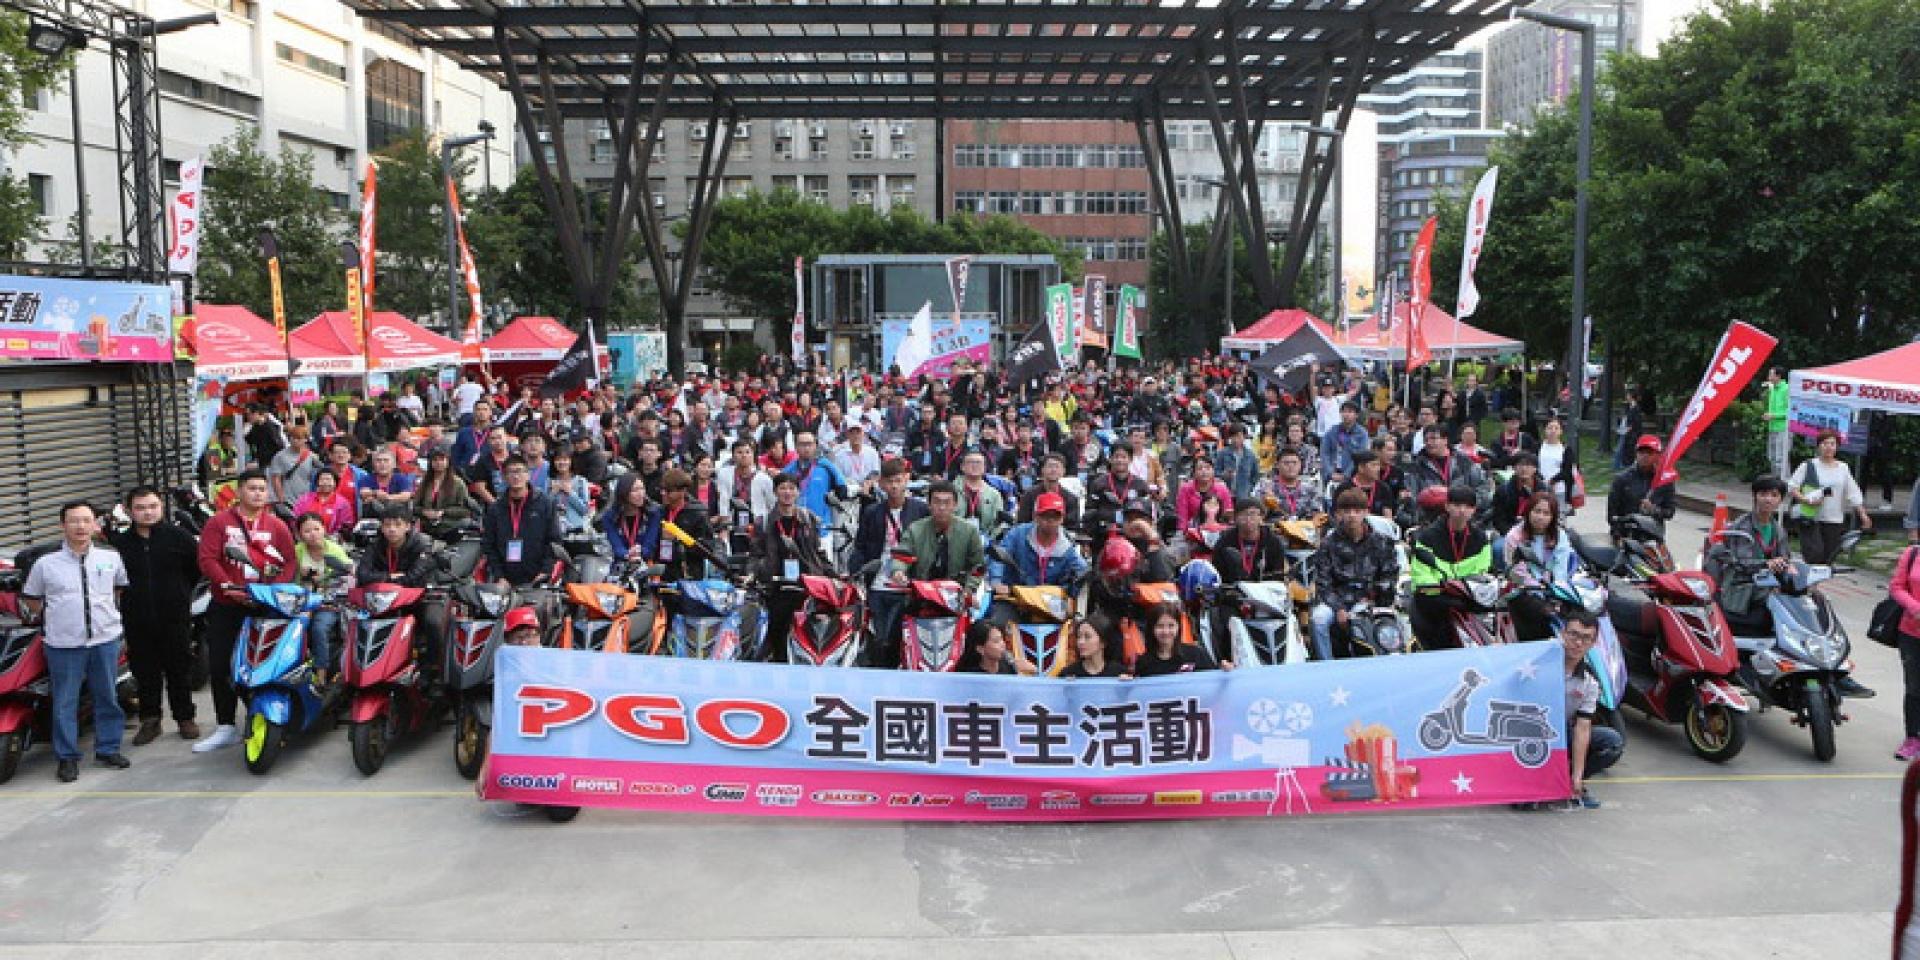 官方新聞稿。2017 『100% Passion』PGO車主大會師 最終場!!